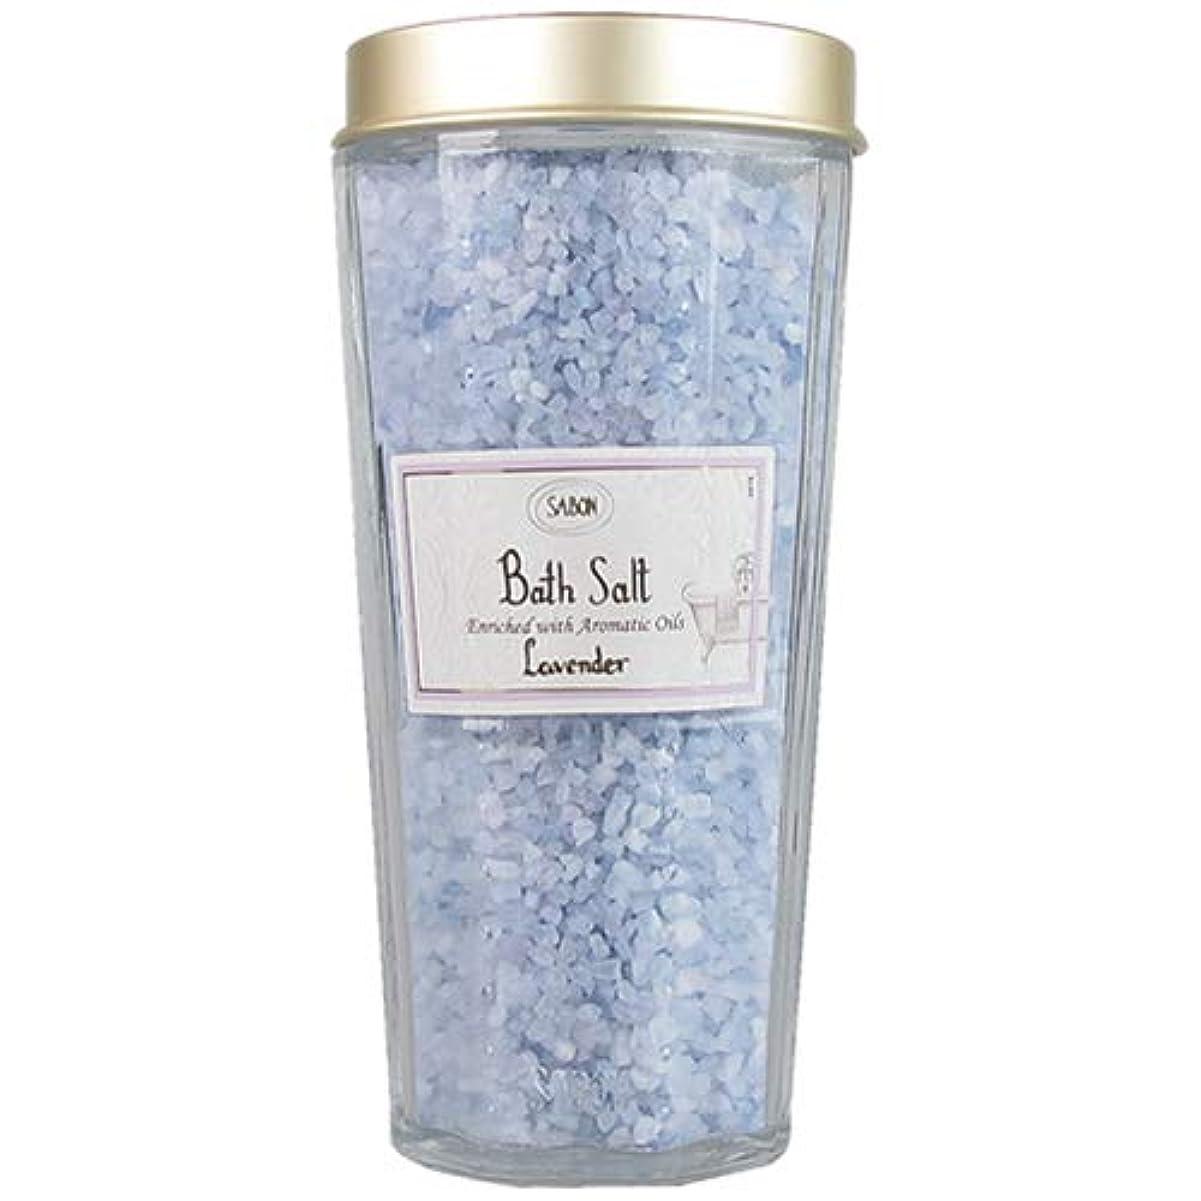 取るに足らない架空の憧れサボン バスソルト ラベンダー 350g SABON [入浴剤] Bath Salt [並行輸入品]